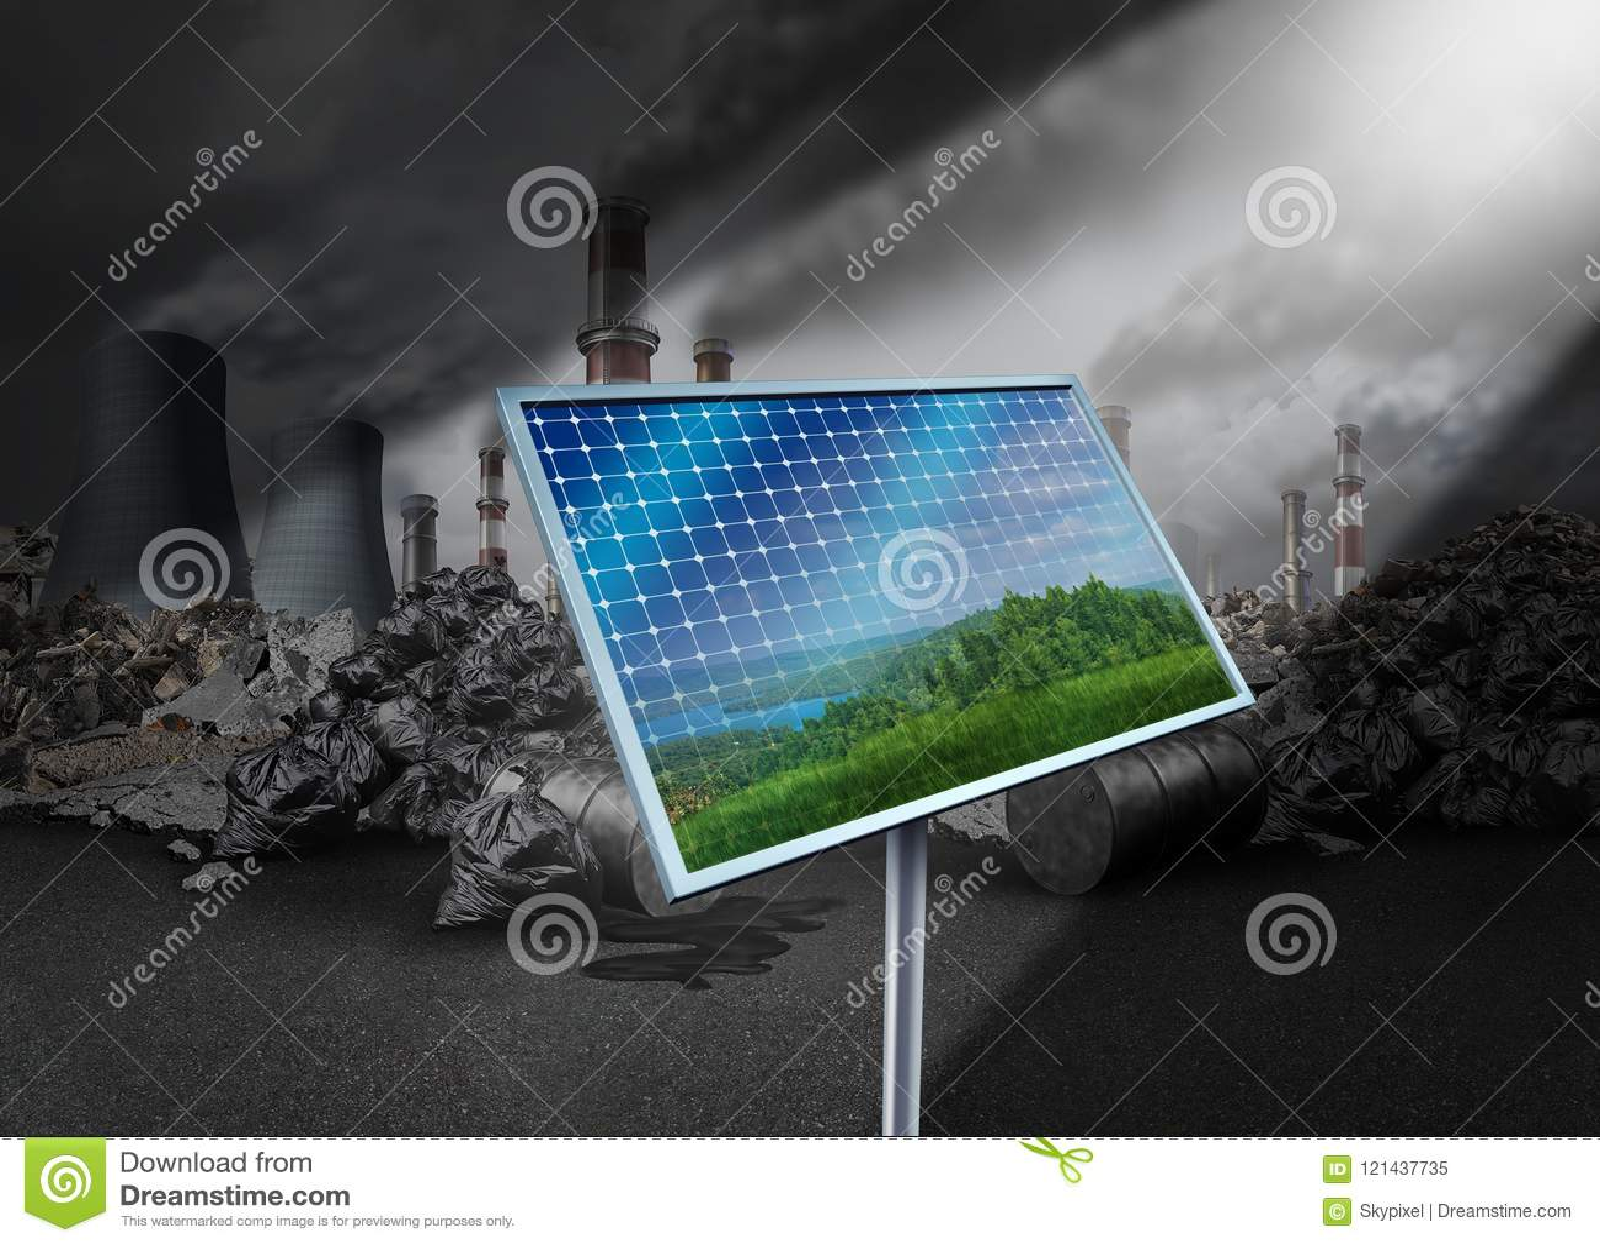 Ηλιακό πλαίσιο και ρύπανση